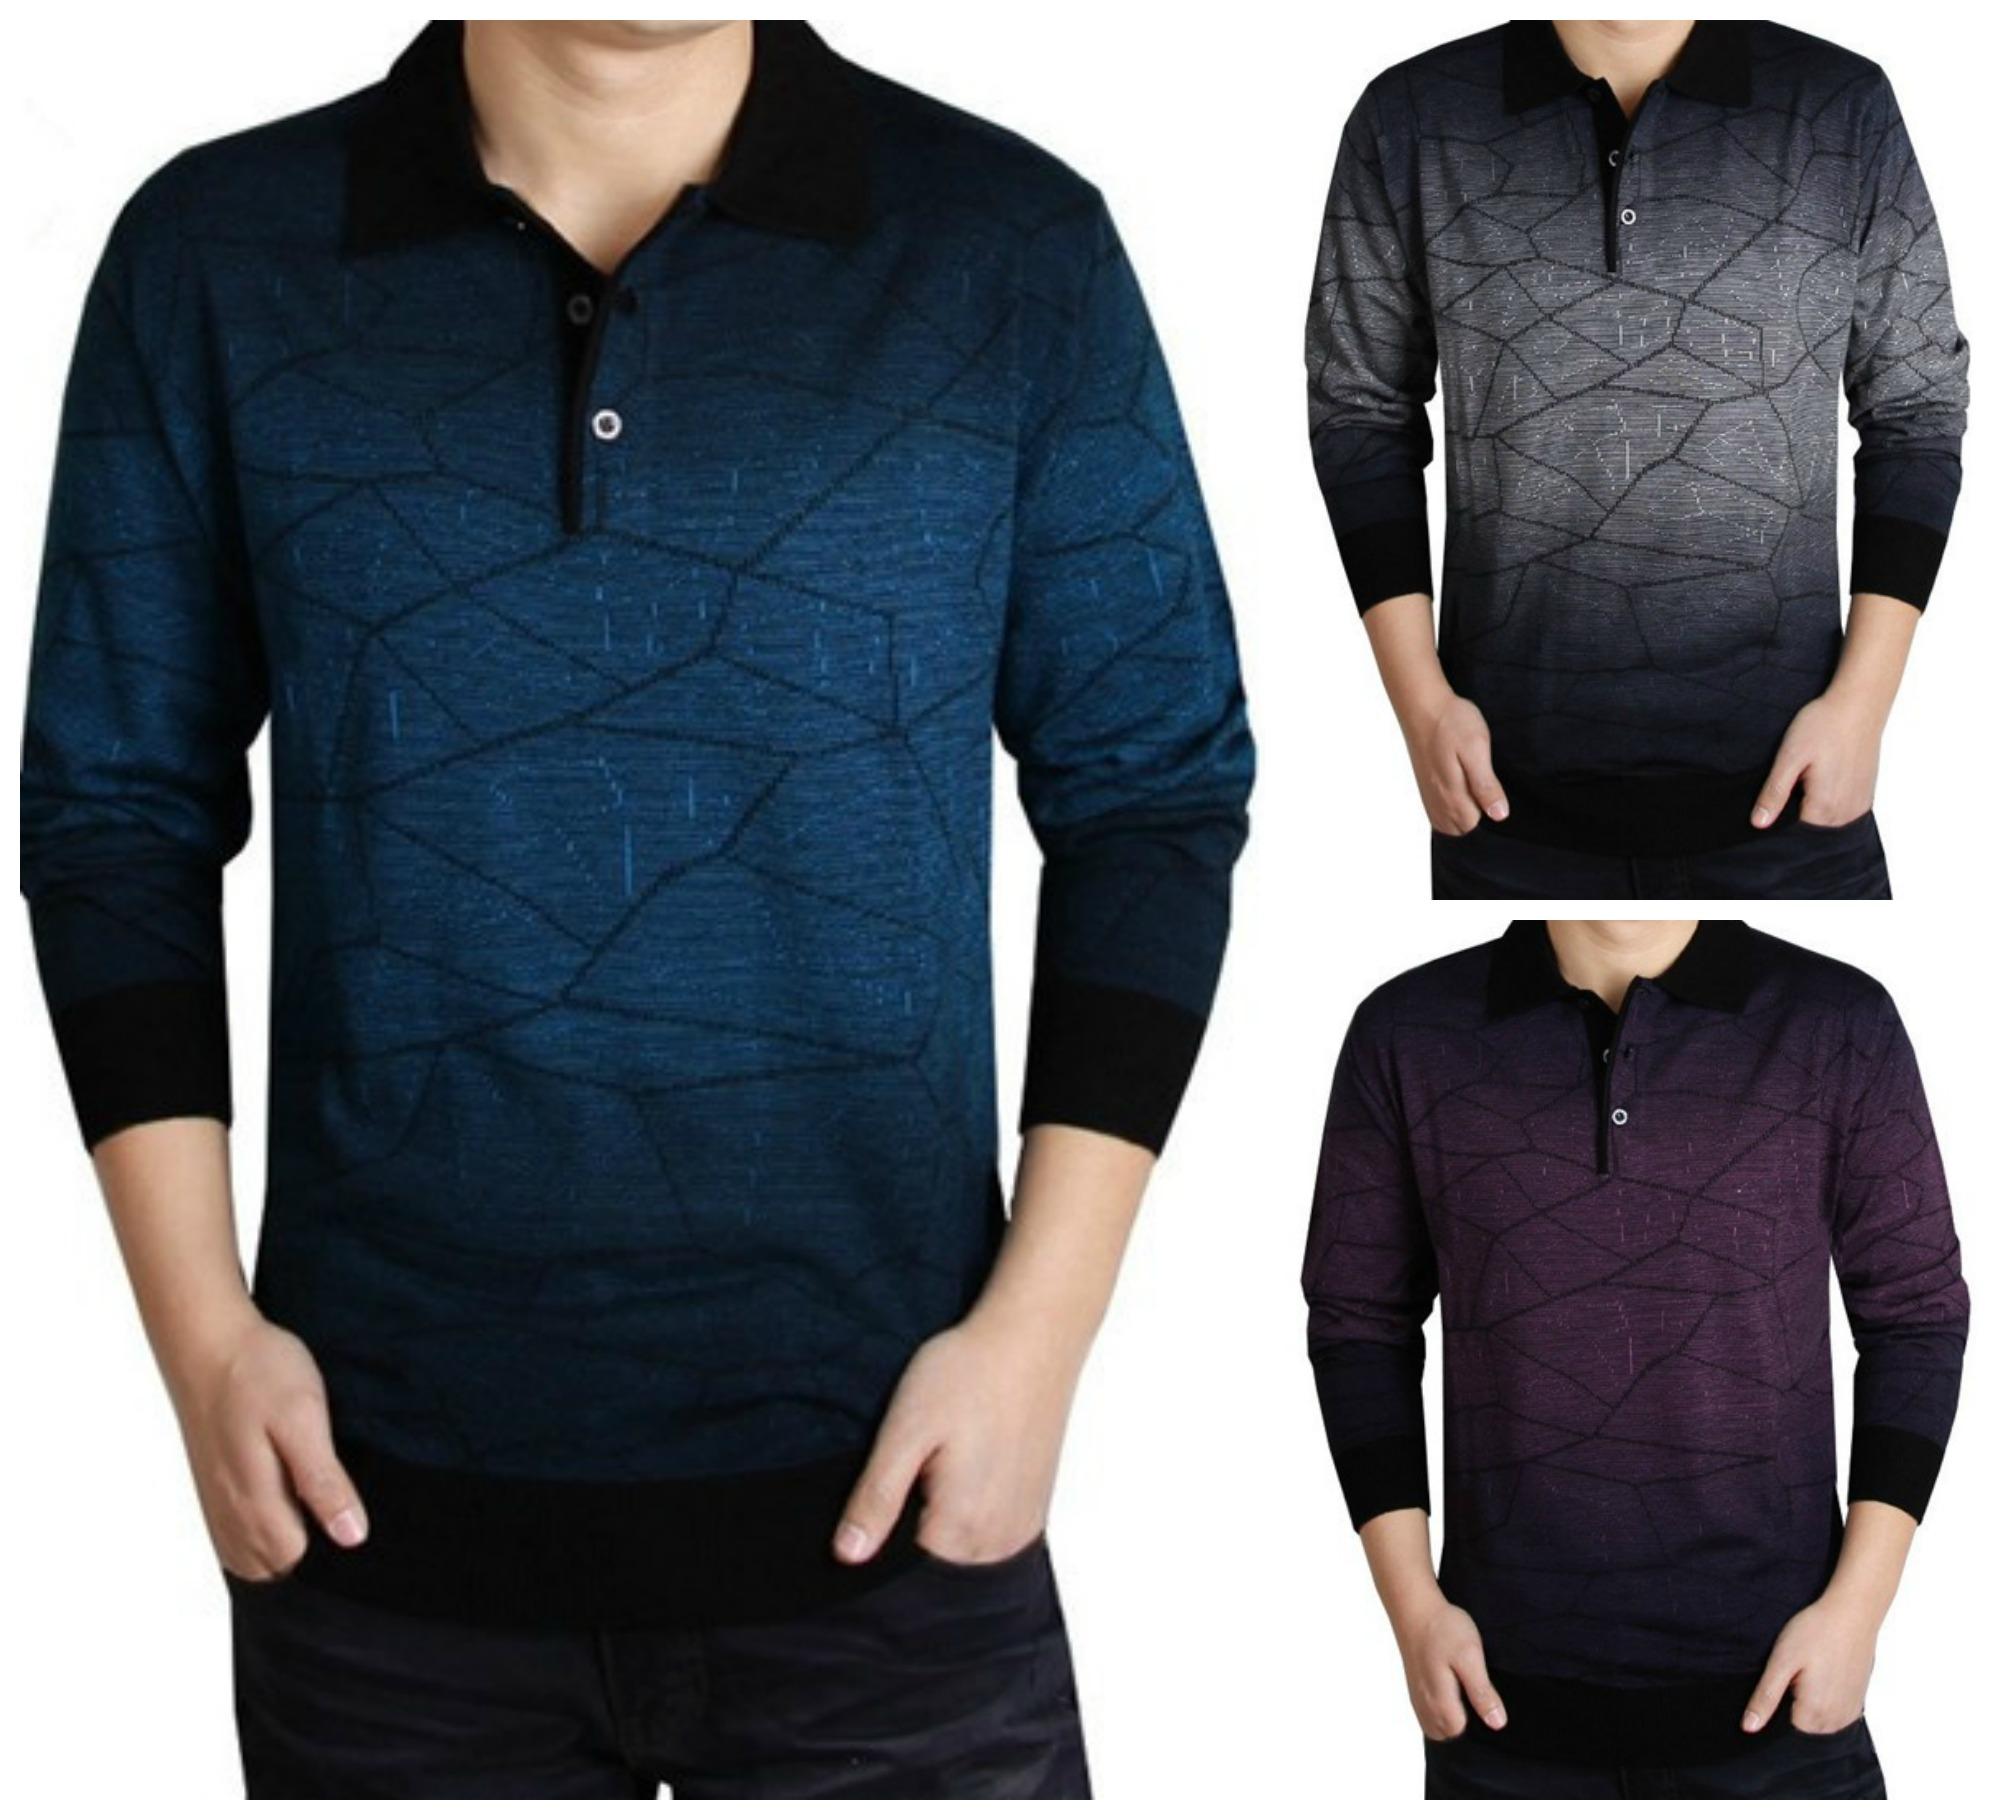 Sweater Fashion em Degradê com Desenho